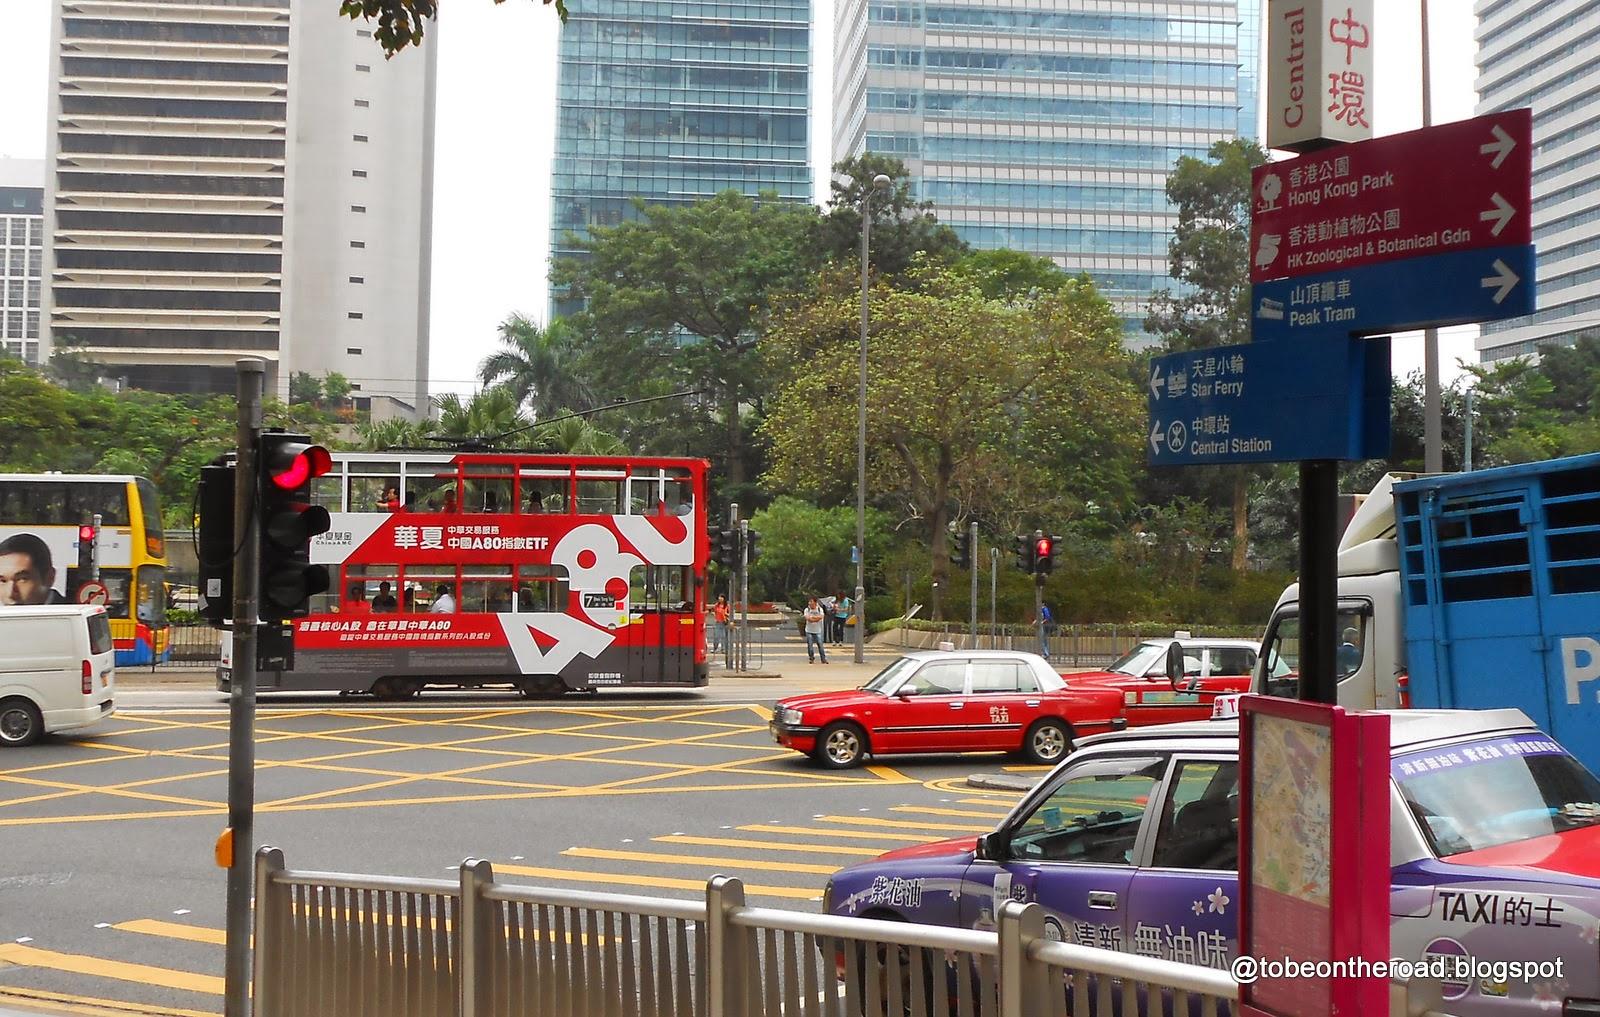 Hongkong Street View